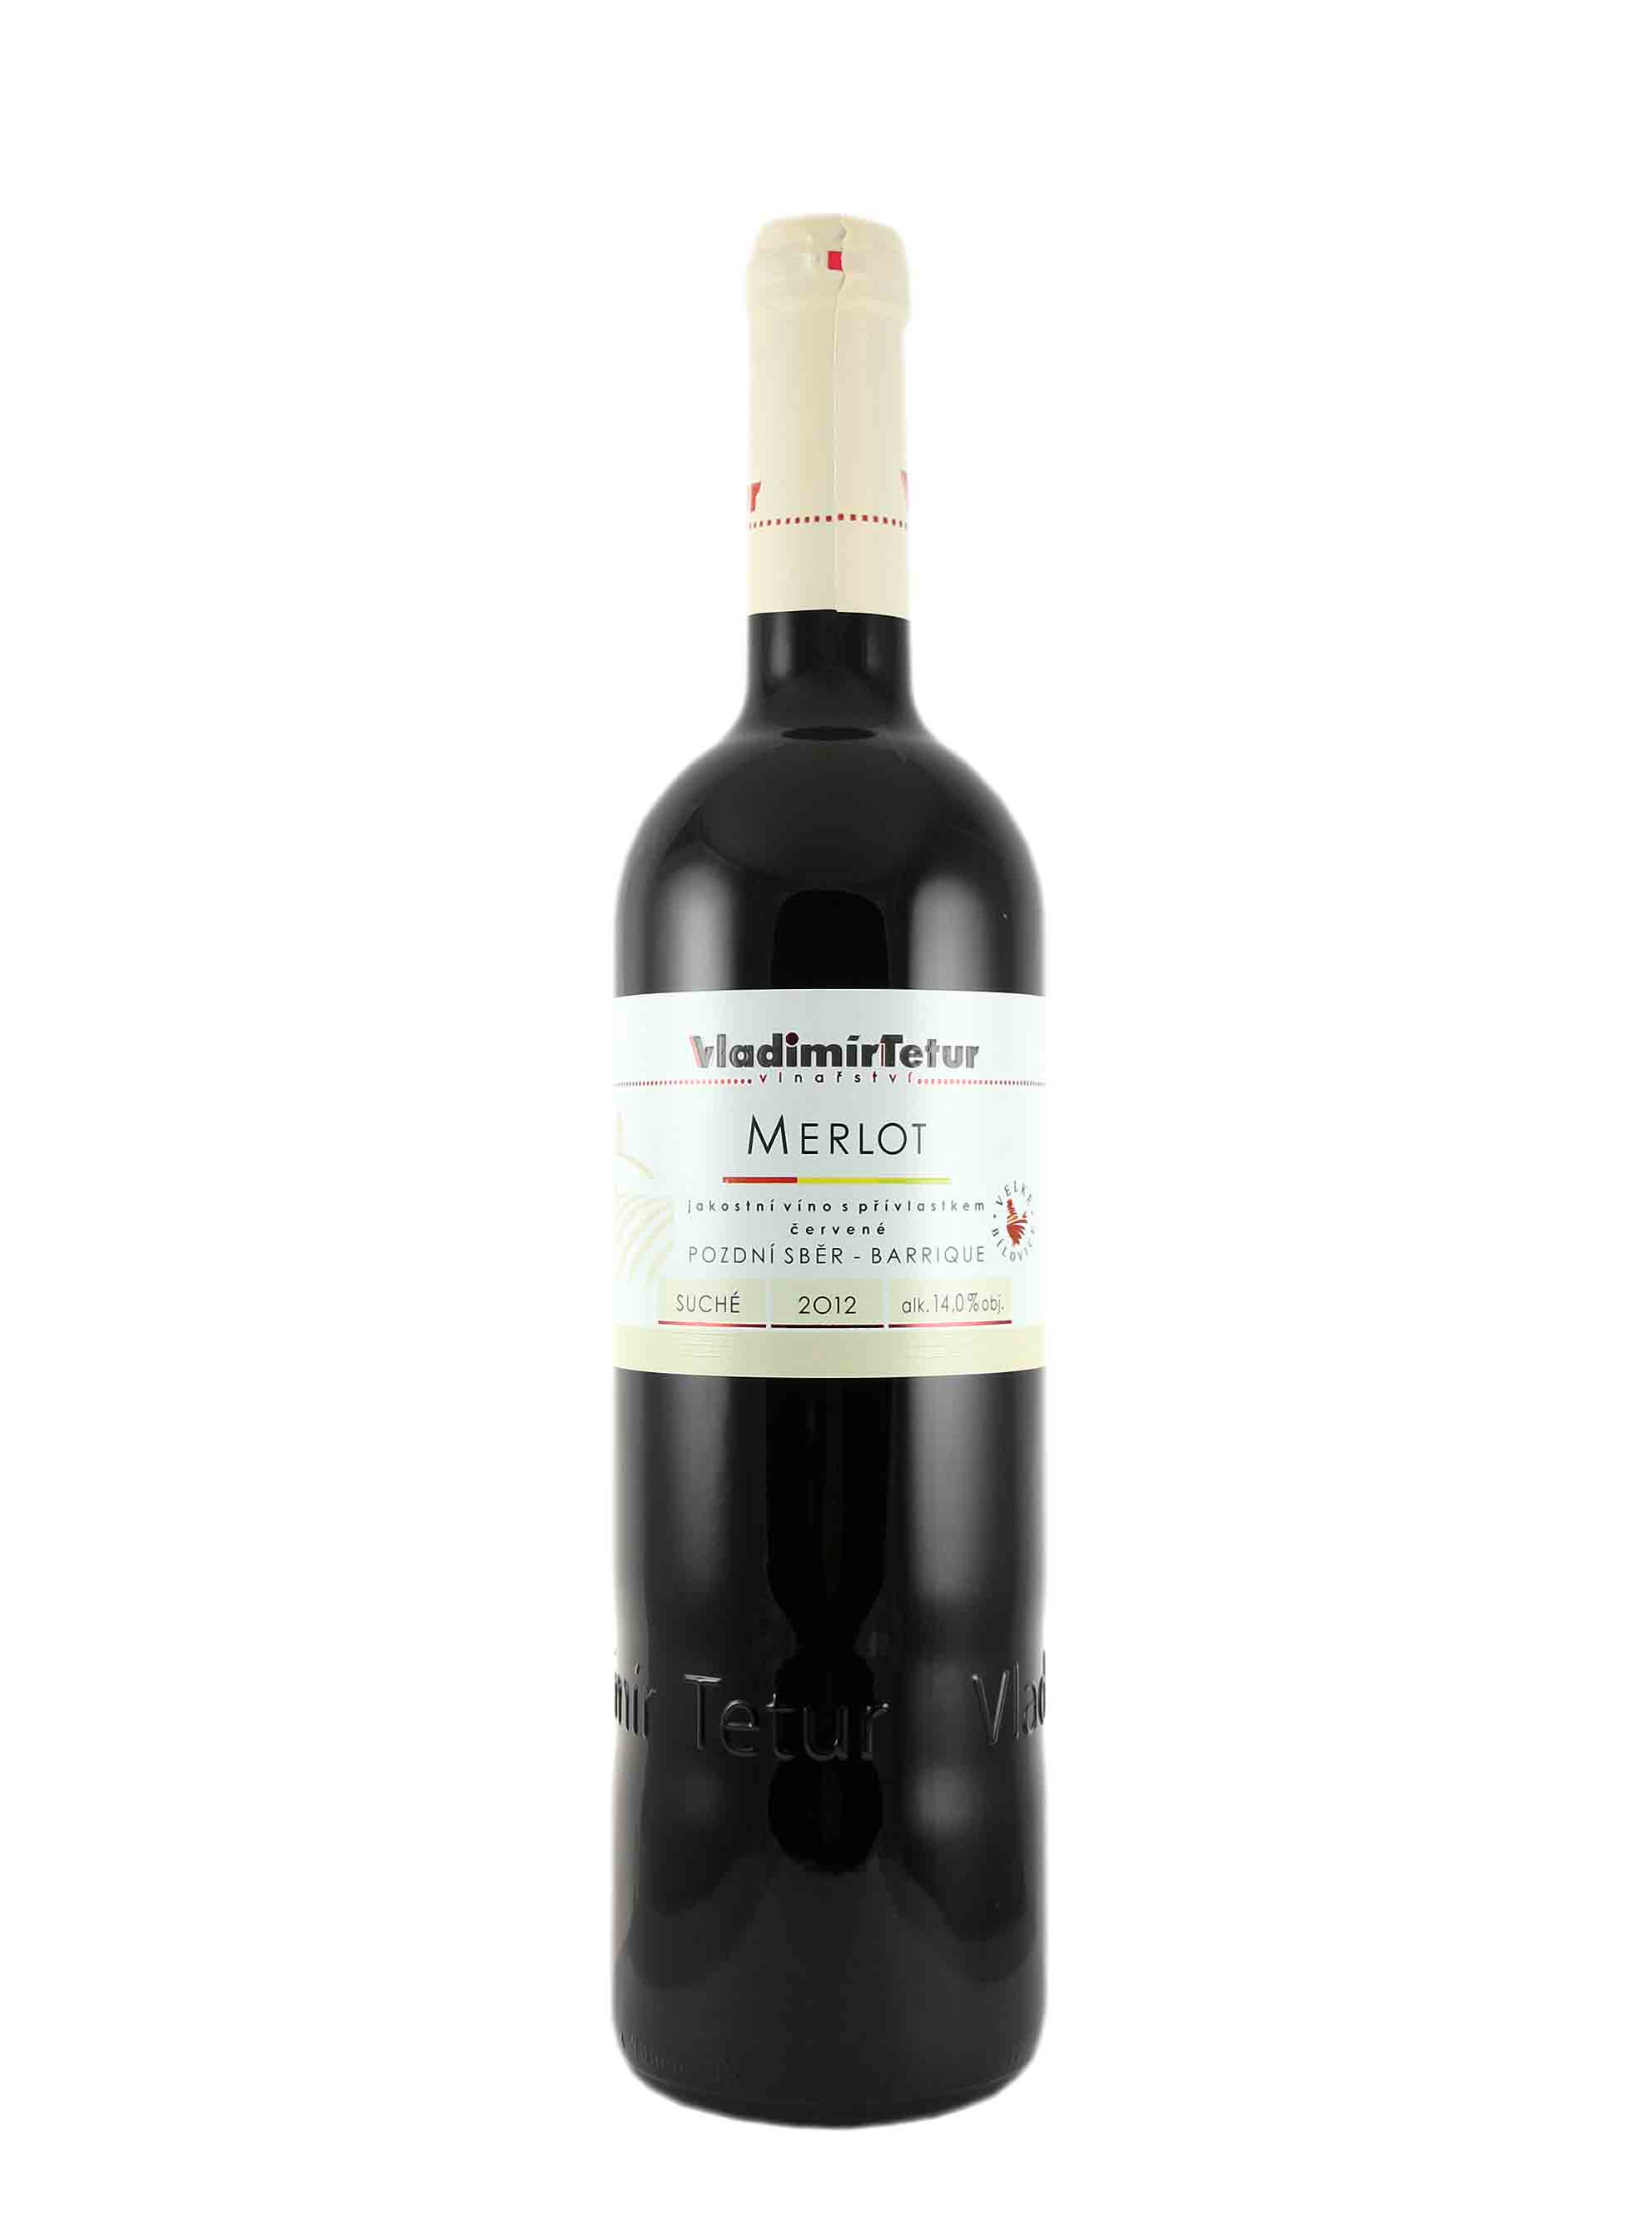 Merlot, Pozdní sběr - barrique, 2012, Vinařství Vladimír Tetur, 0.75 l